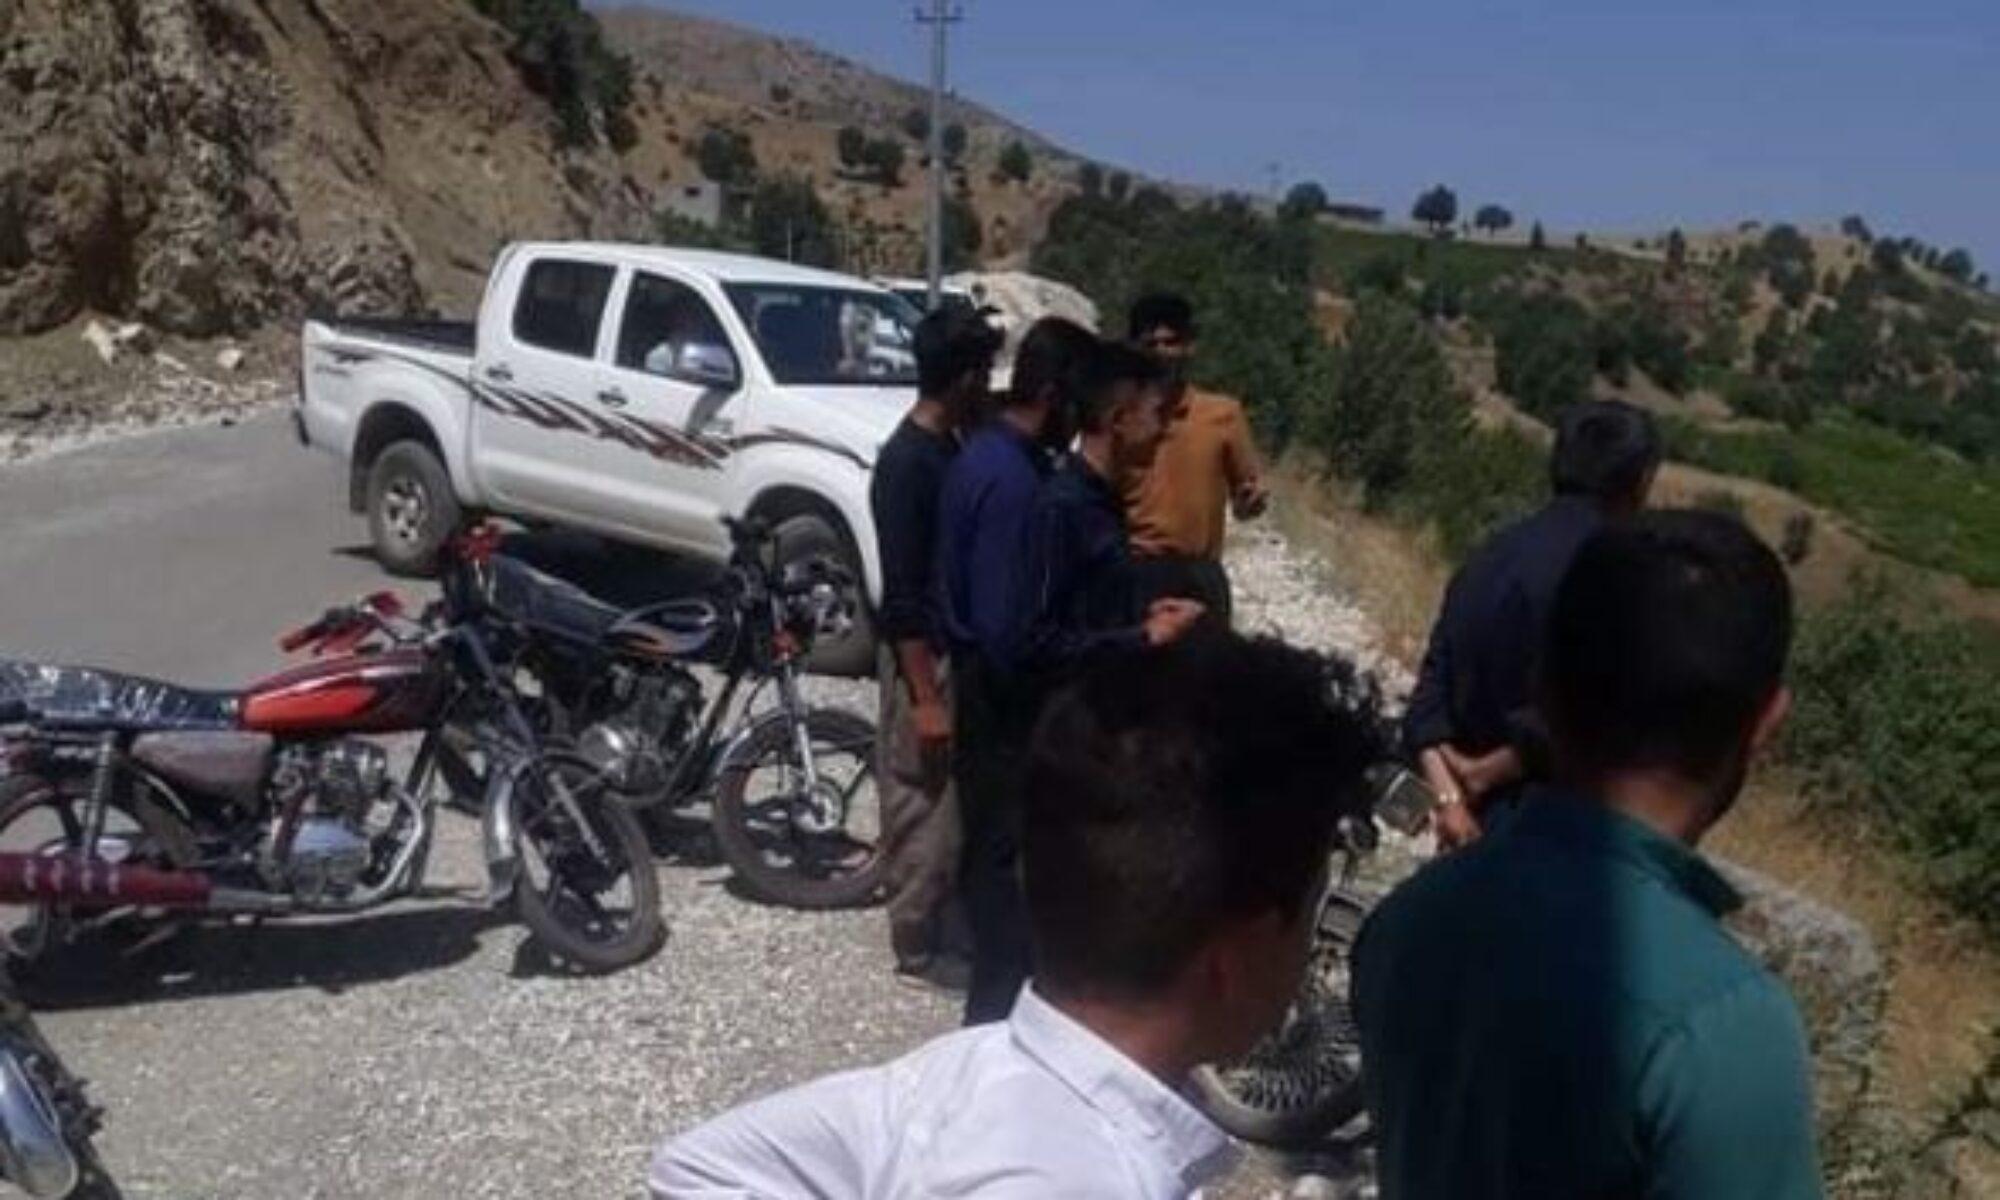 PKK'nin Şênê köylülerine ateş açmasının nedeni köylülerin vergi vermeyi redetmesiymiş